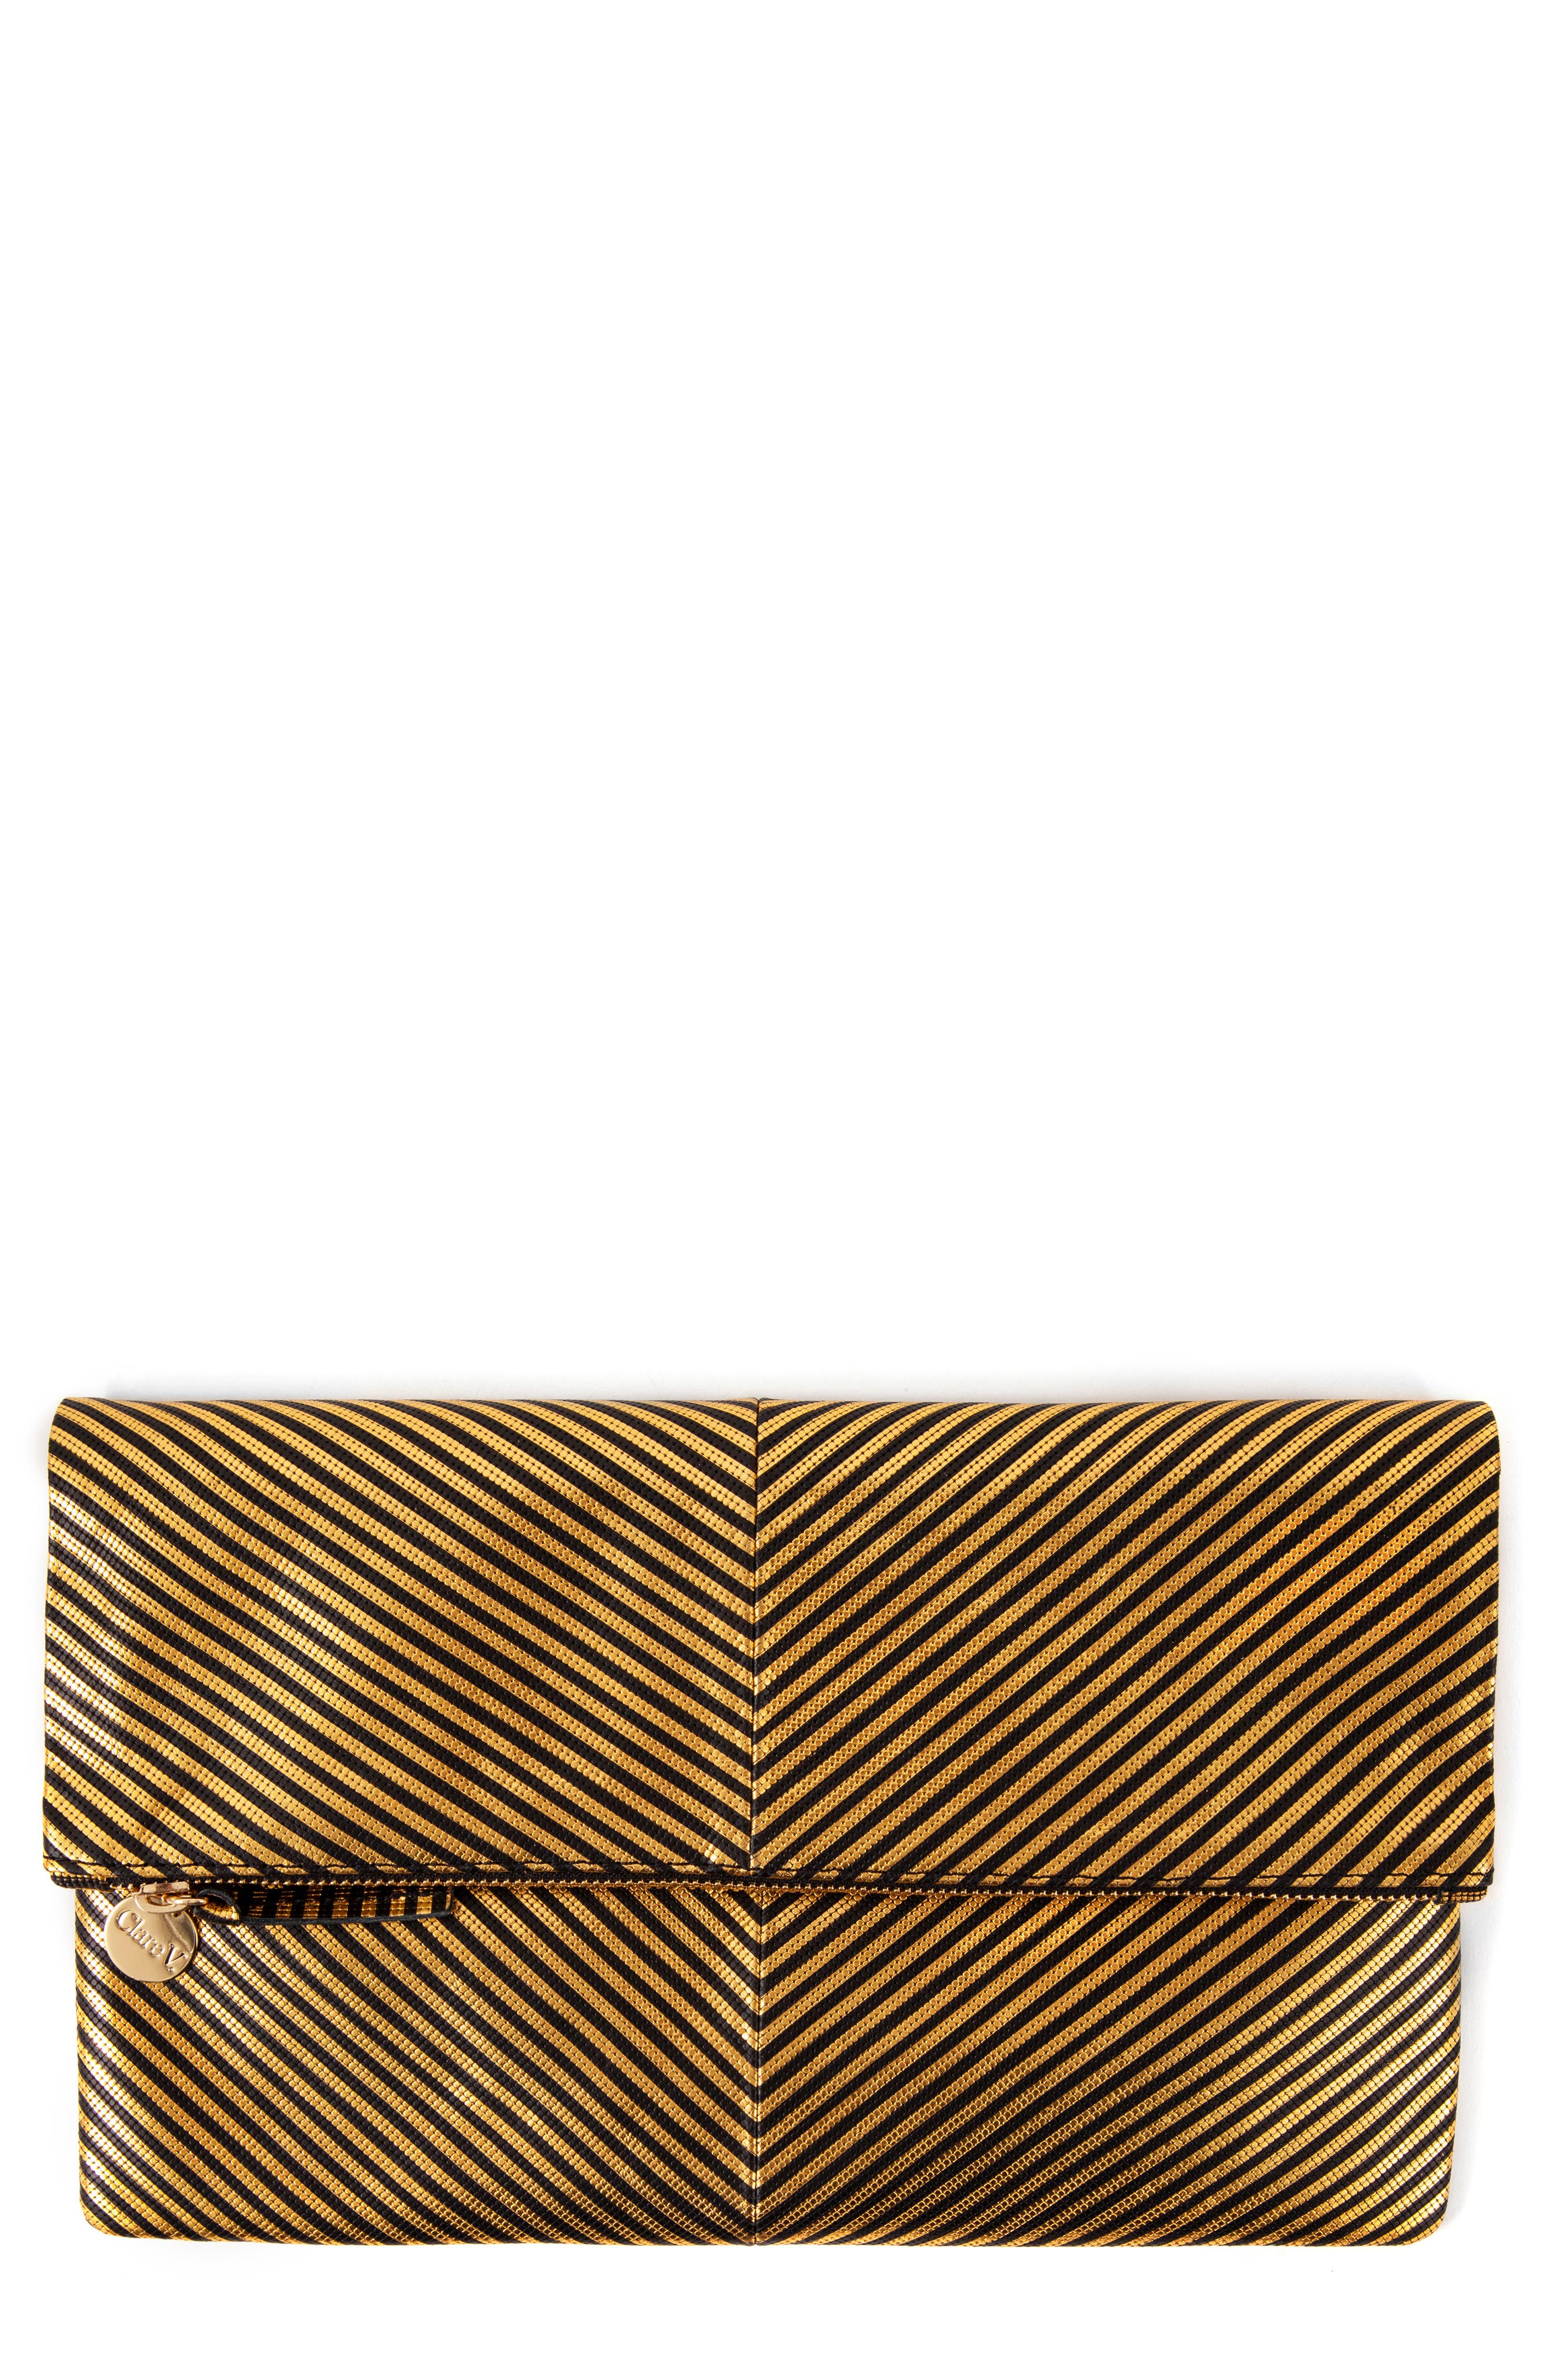 CLARE V Disco Stripe Foldover Clutch - Black in Disco Stripe Patchwork Black